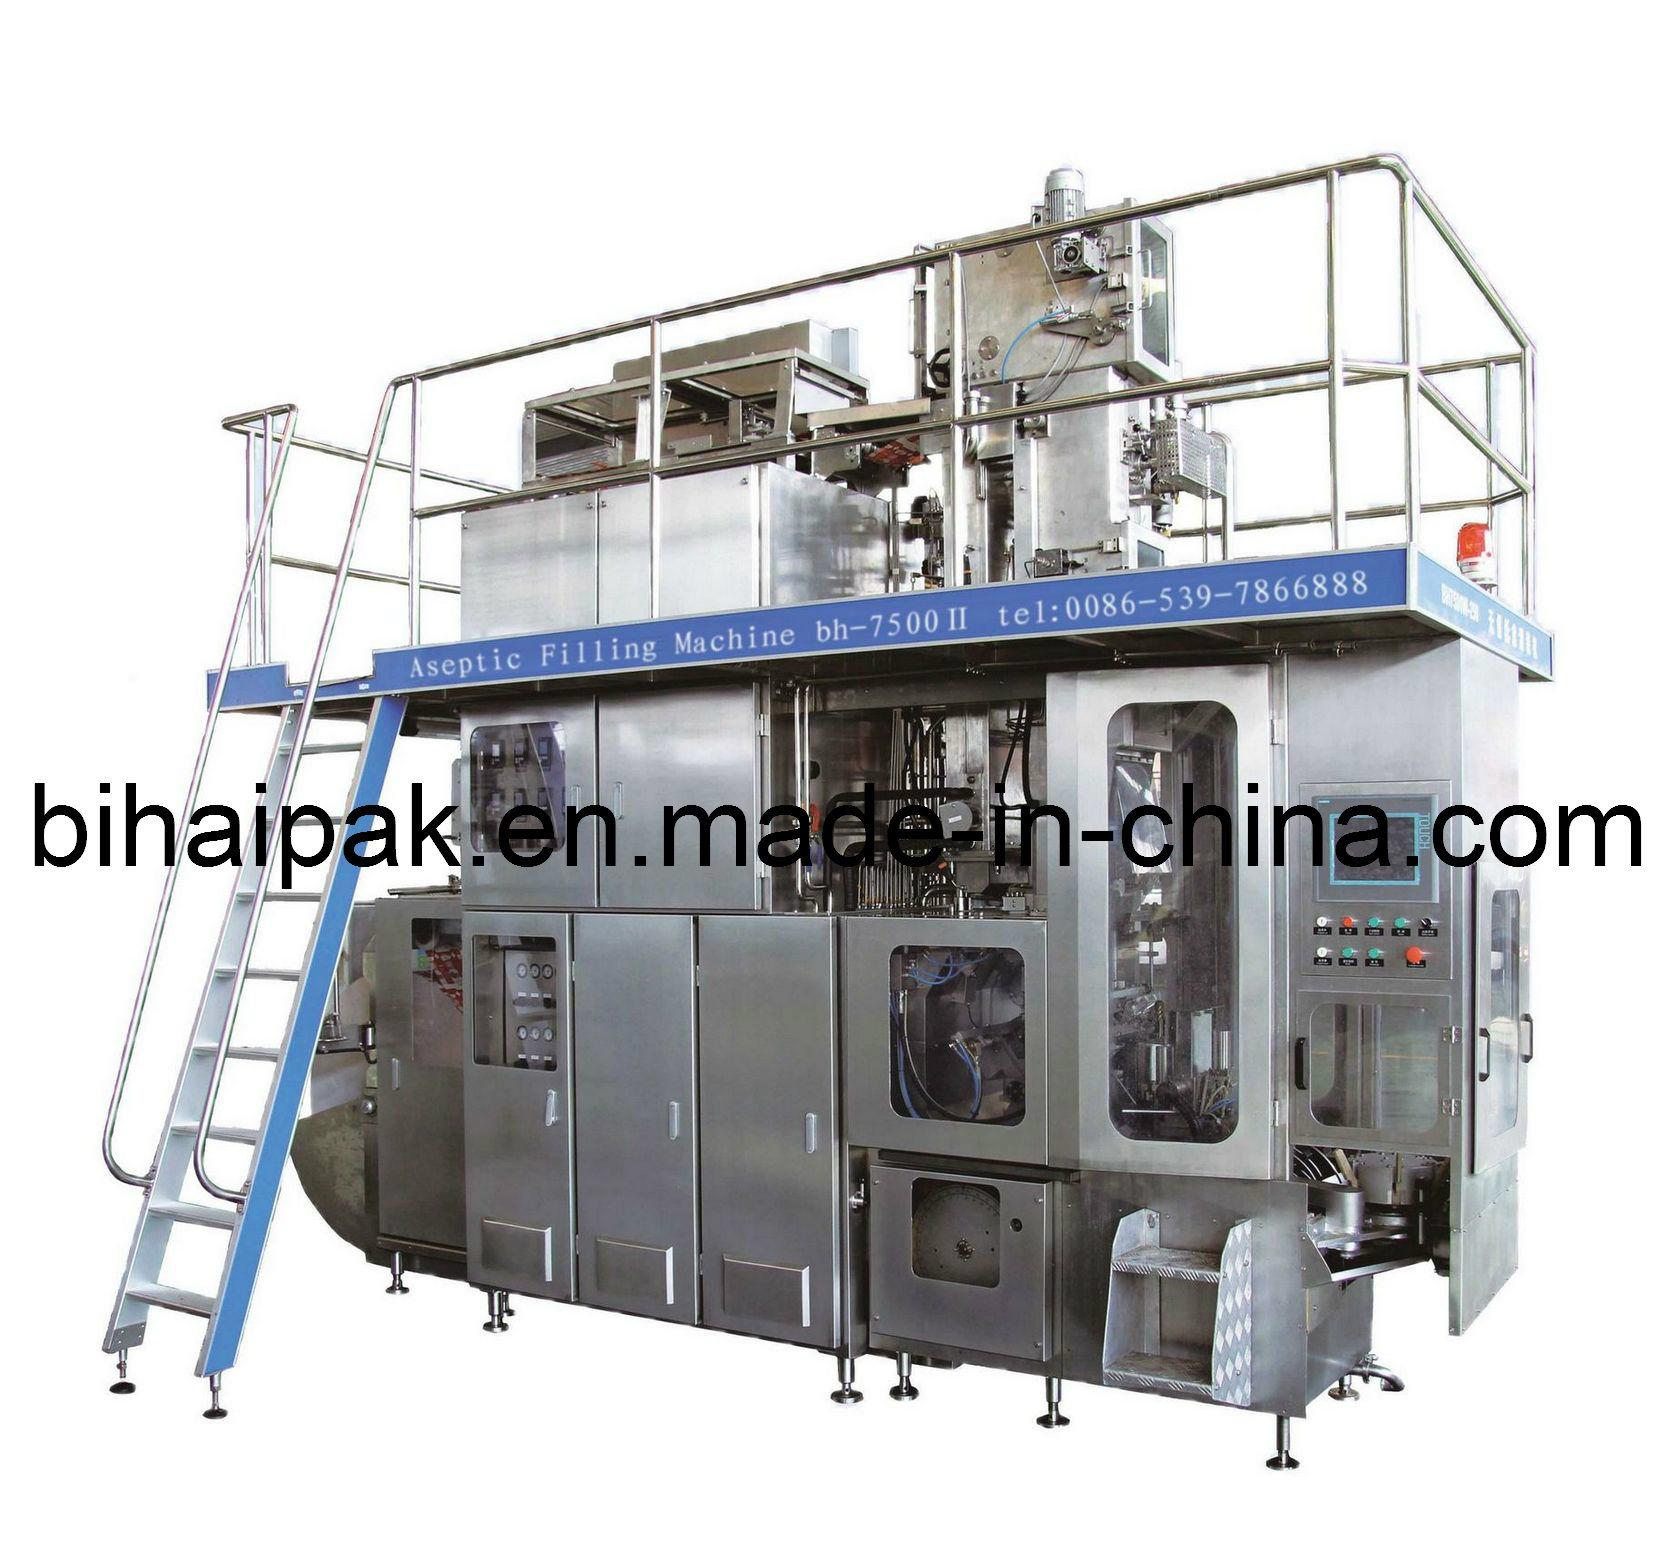 Bihai Pak Uht Milk Filling Machine (BH7500)